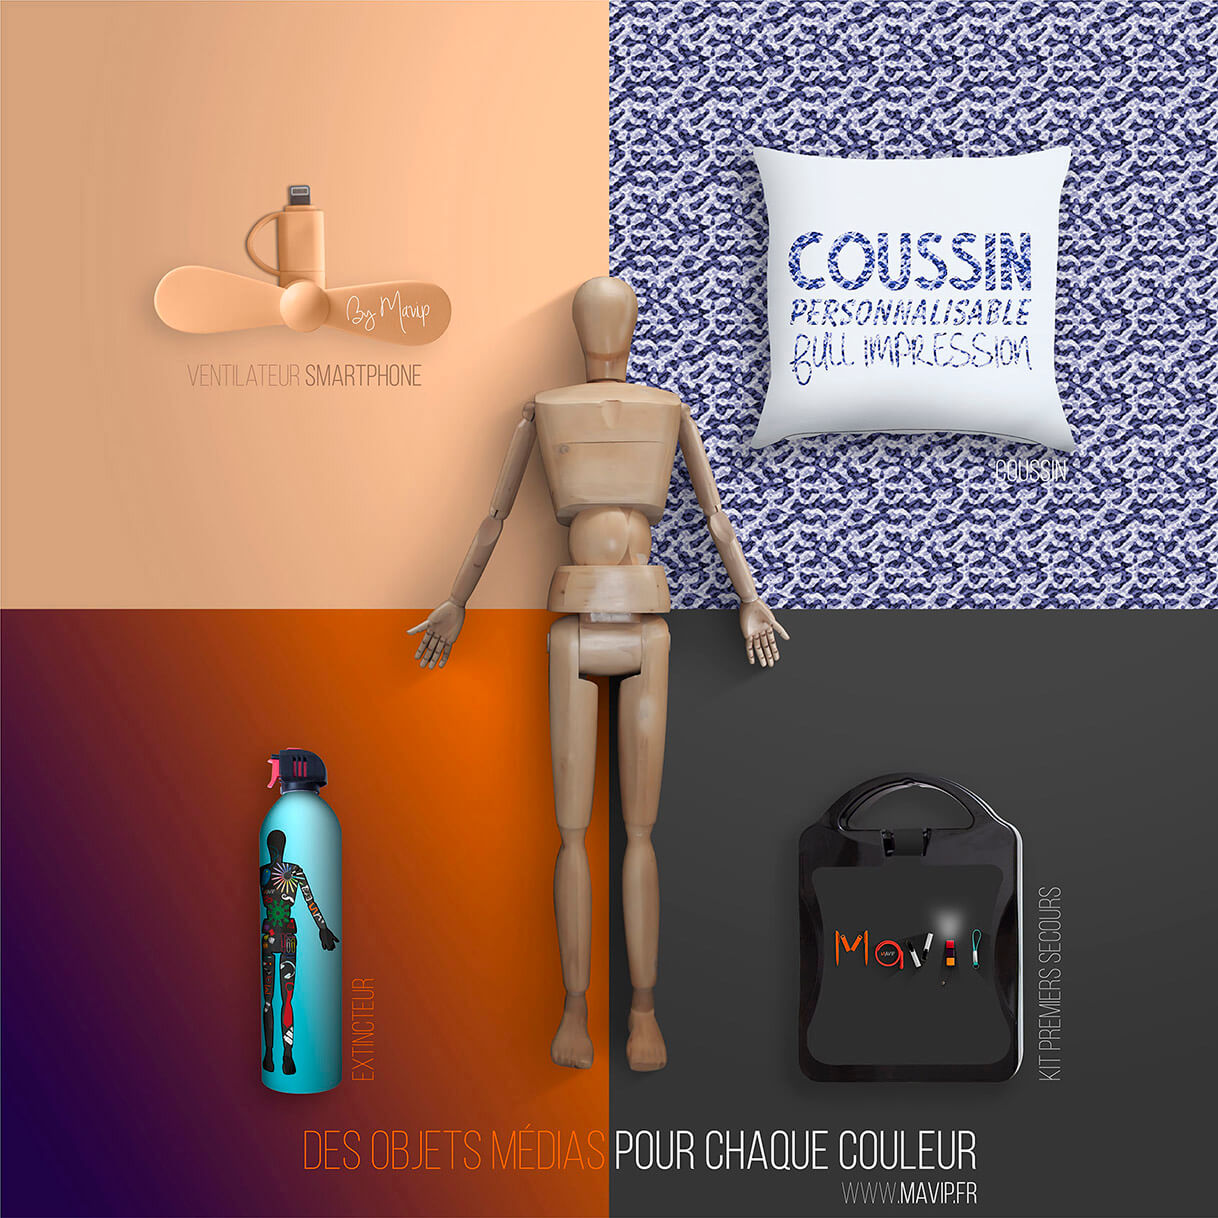 Des objets médias pour chaque couleurs